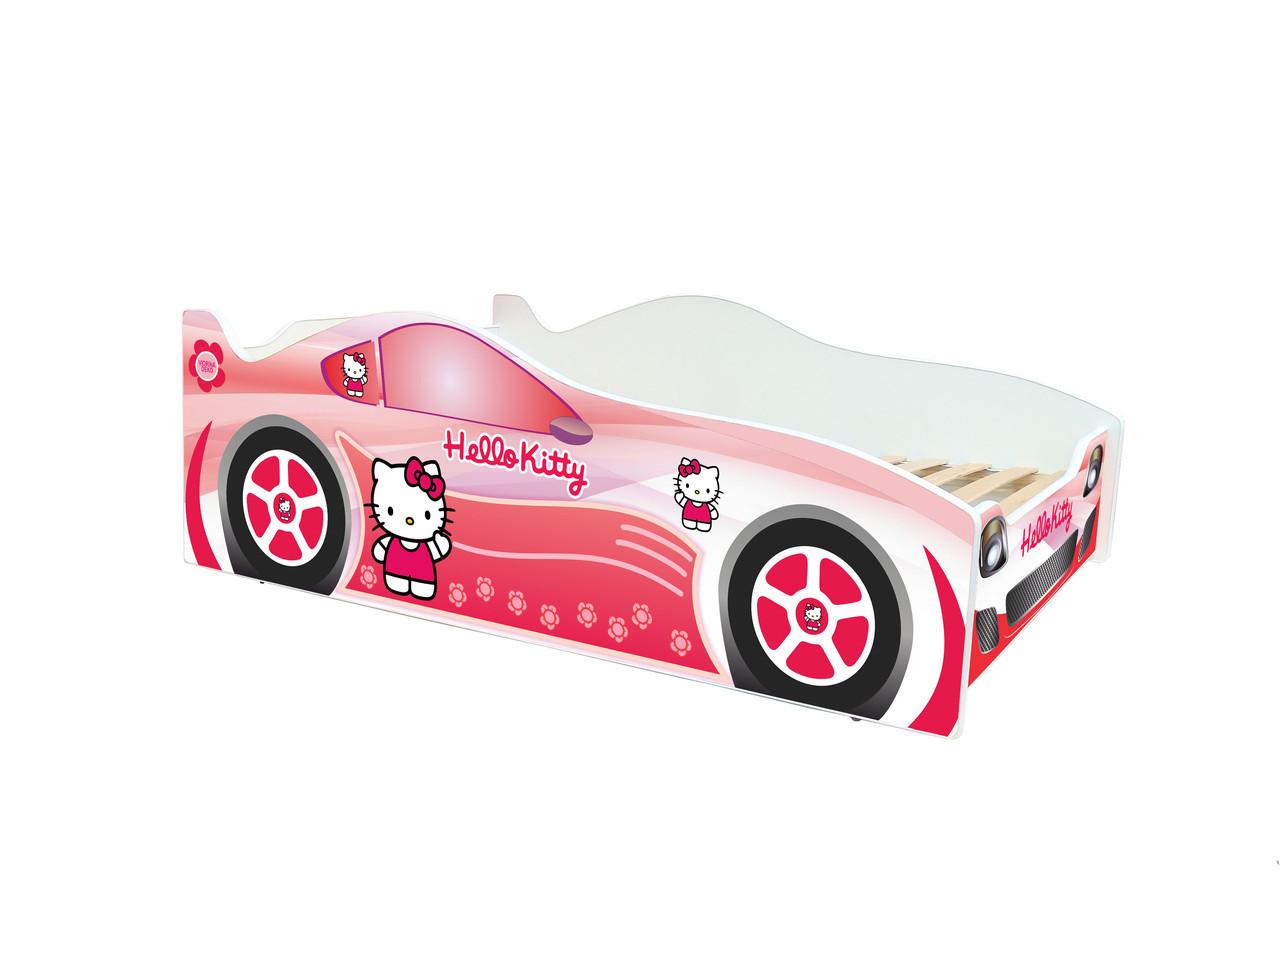 Кровать машинка Эволюция машина Китти Хеллоу + ламели + бесплатная доставка